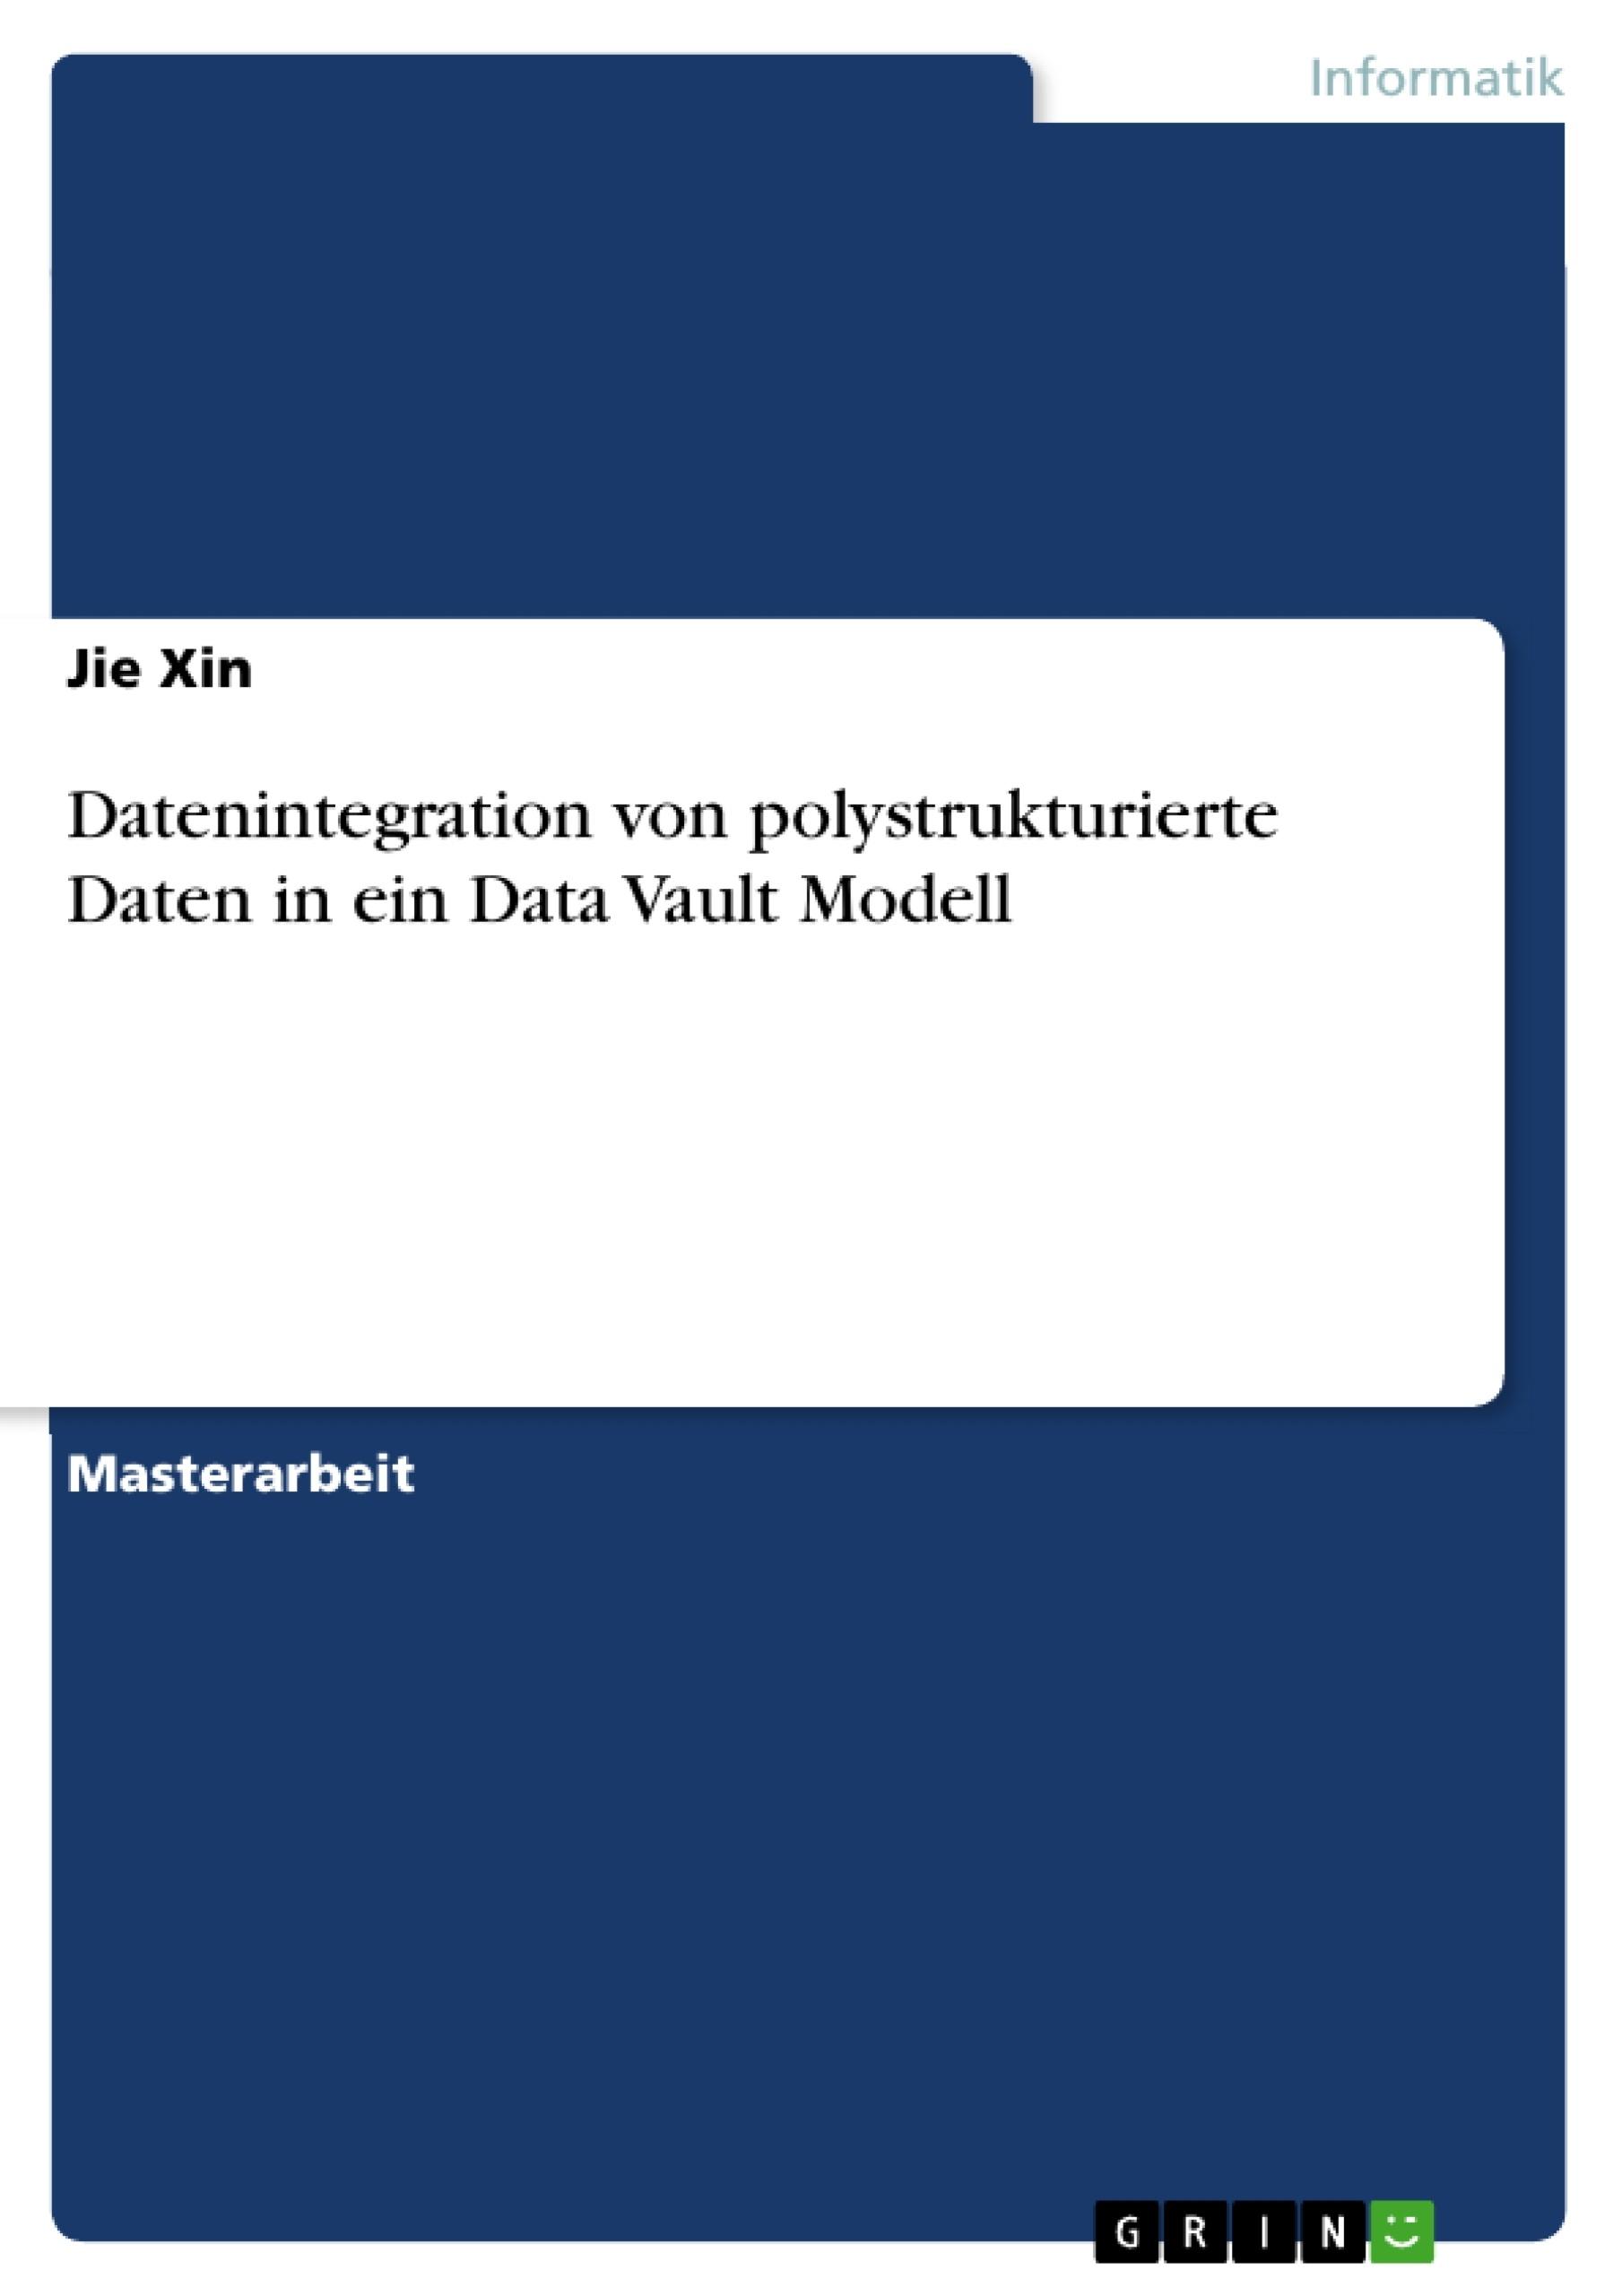 Titel: Datenintegration von polystrukturierte Daten in ein Data Vault Modell